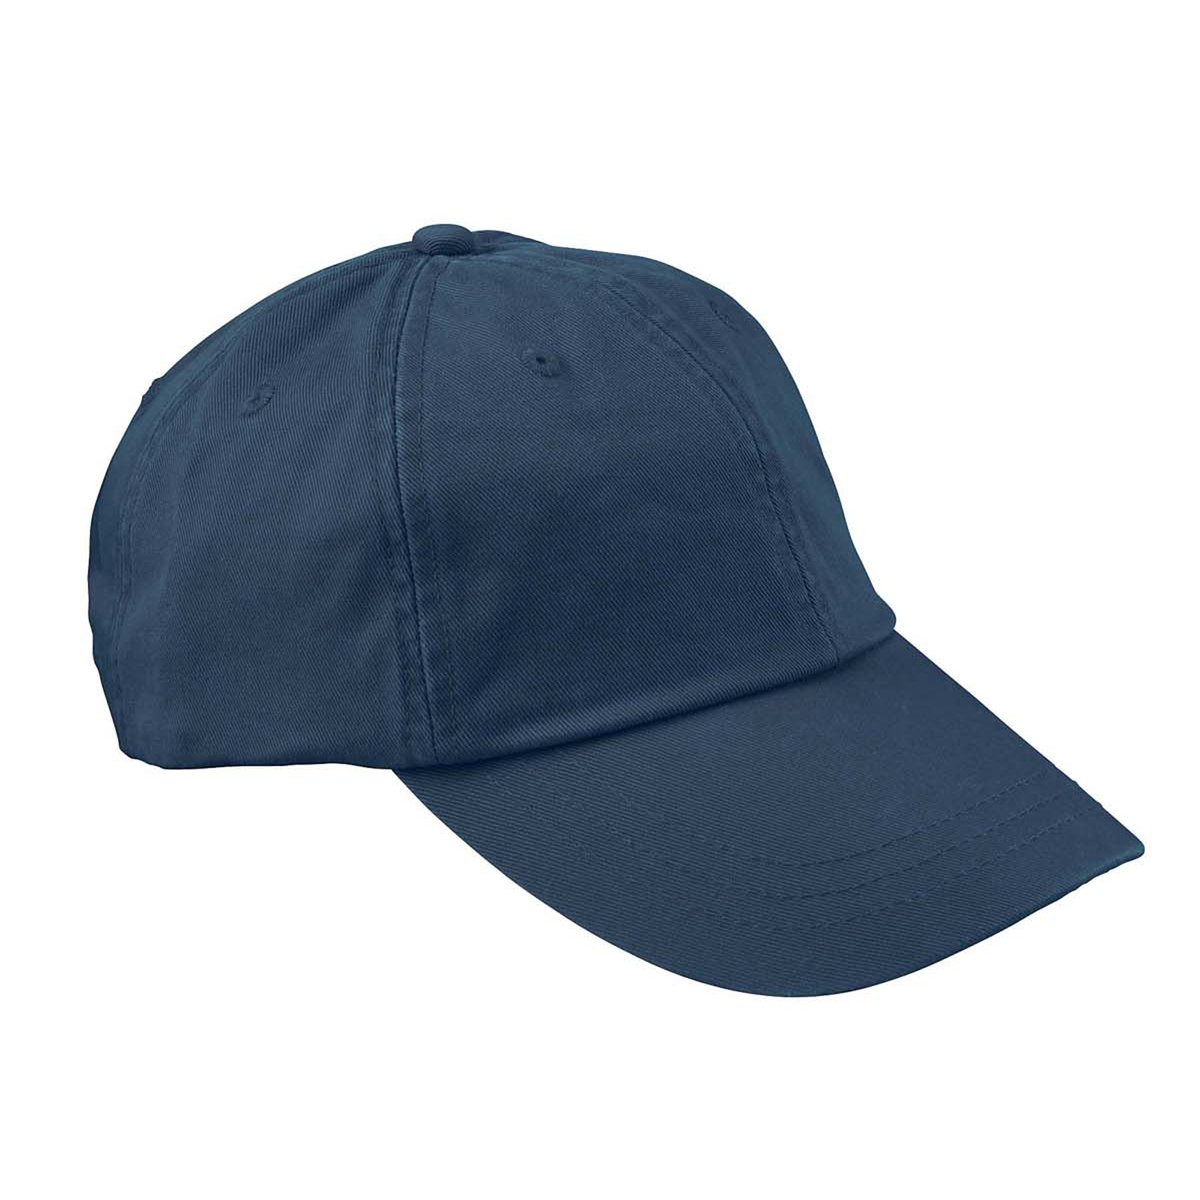 ADAMS OPTIMUM CAP - TRUE COLOR (LP104)